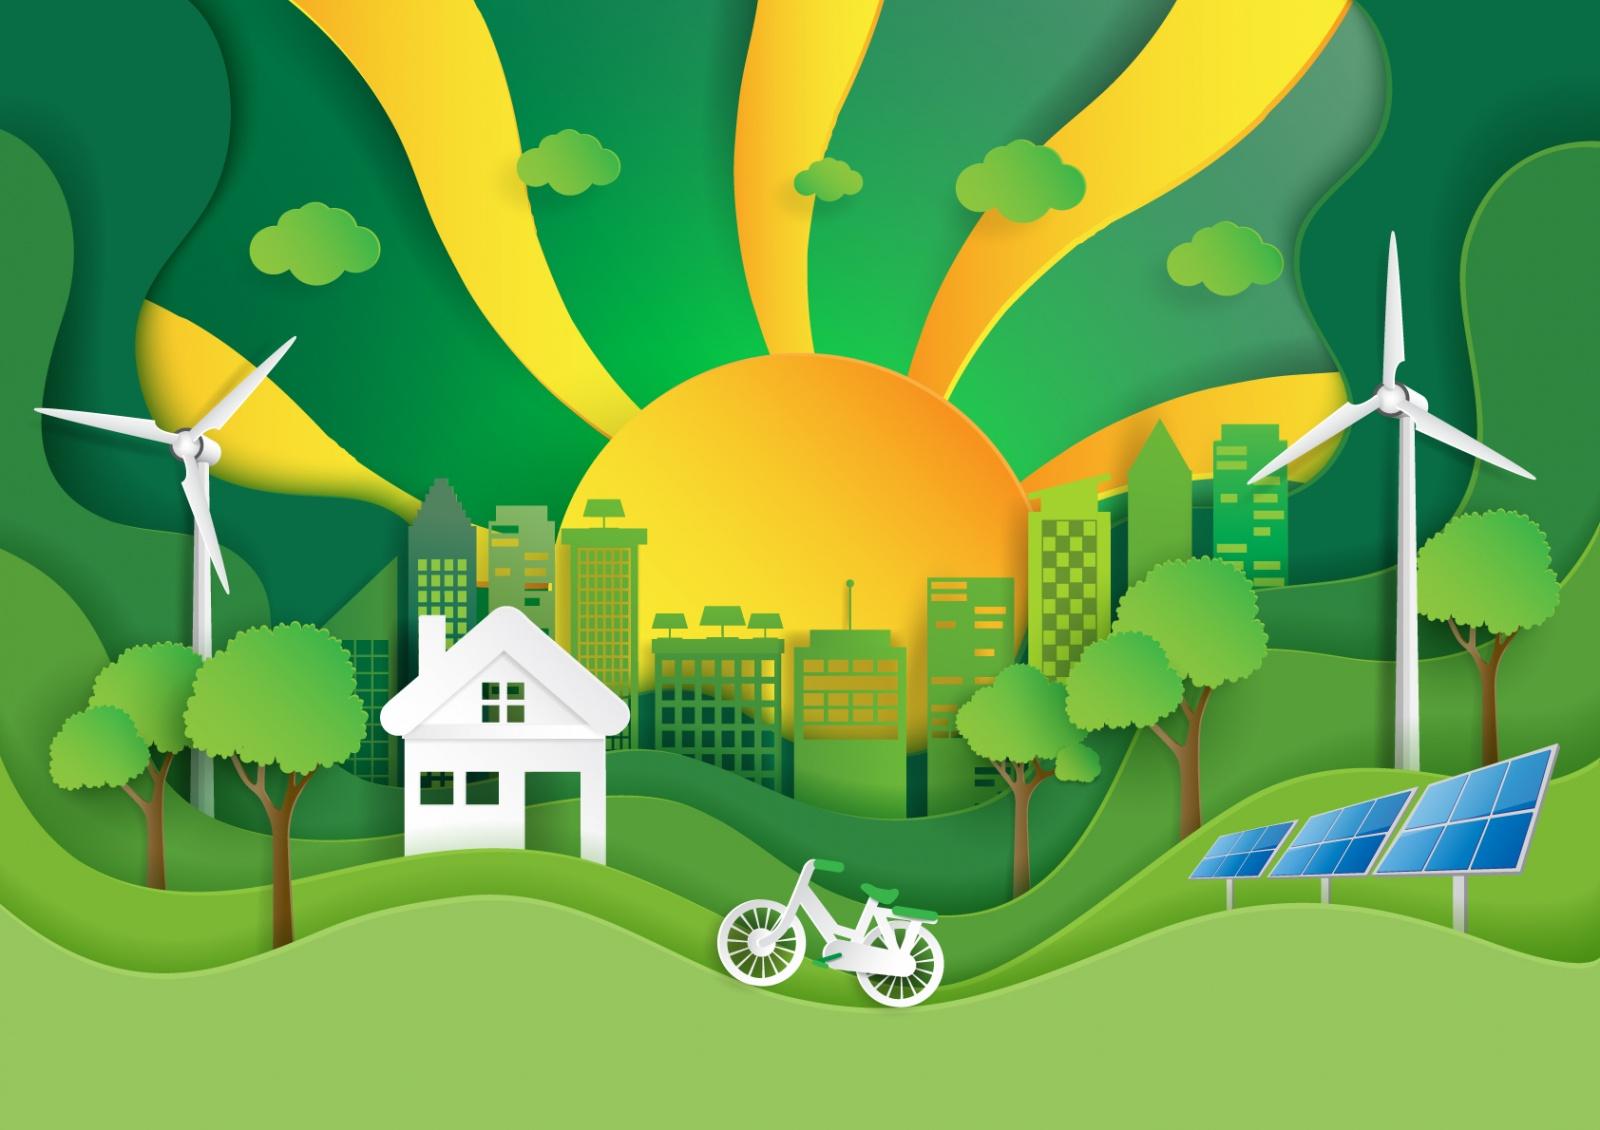 Мониторинг работы систем загородного дома: первые шаги к умному дому - 1